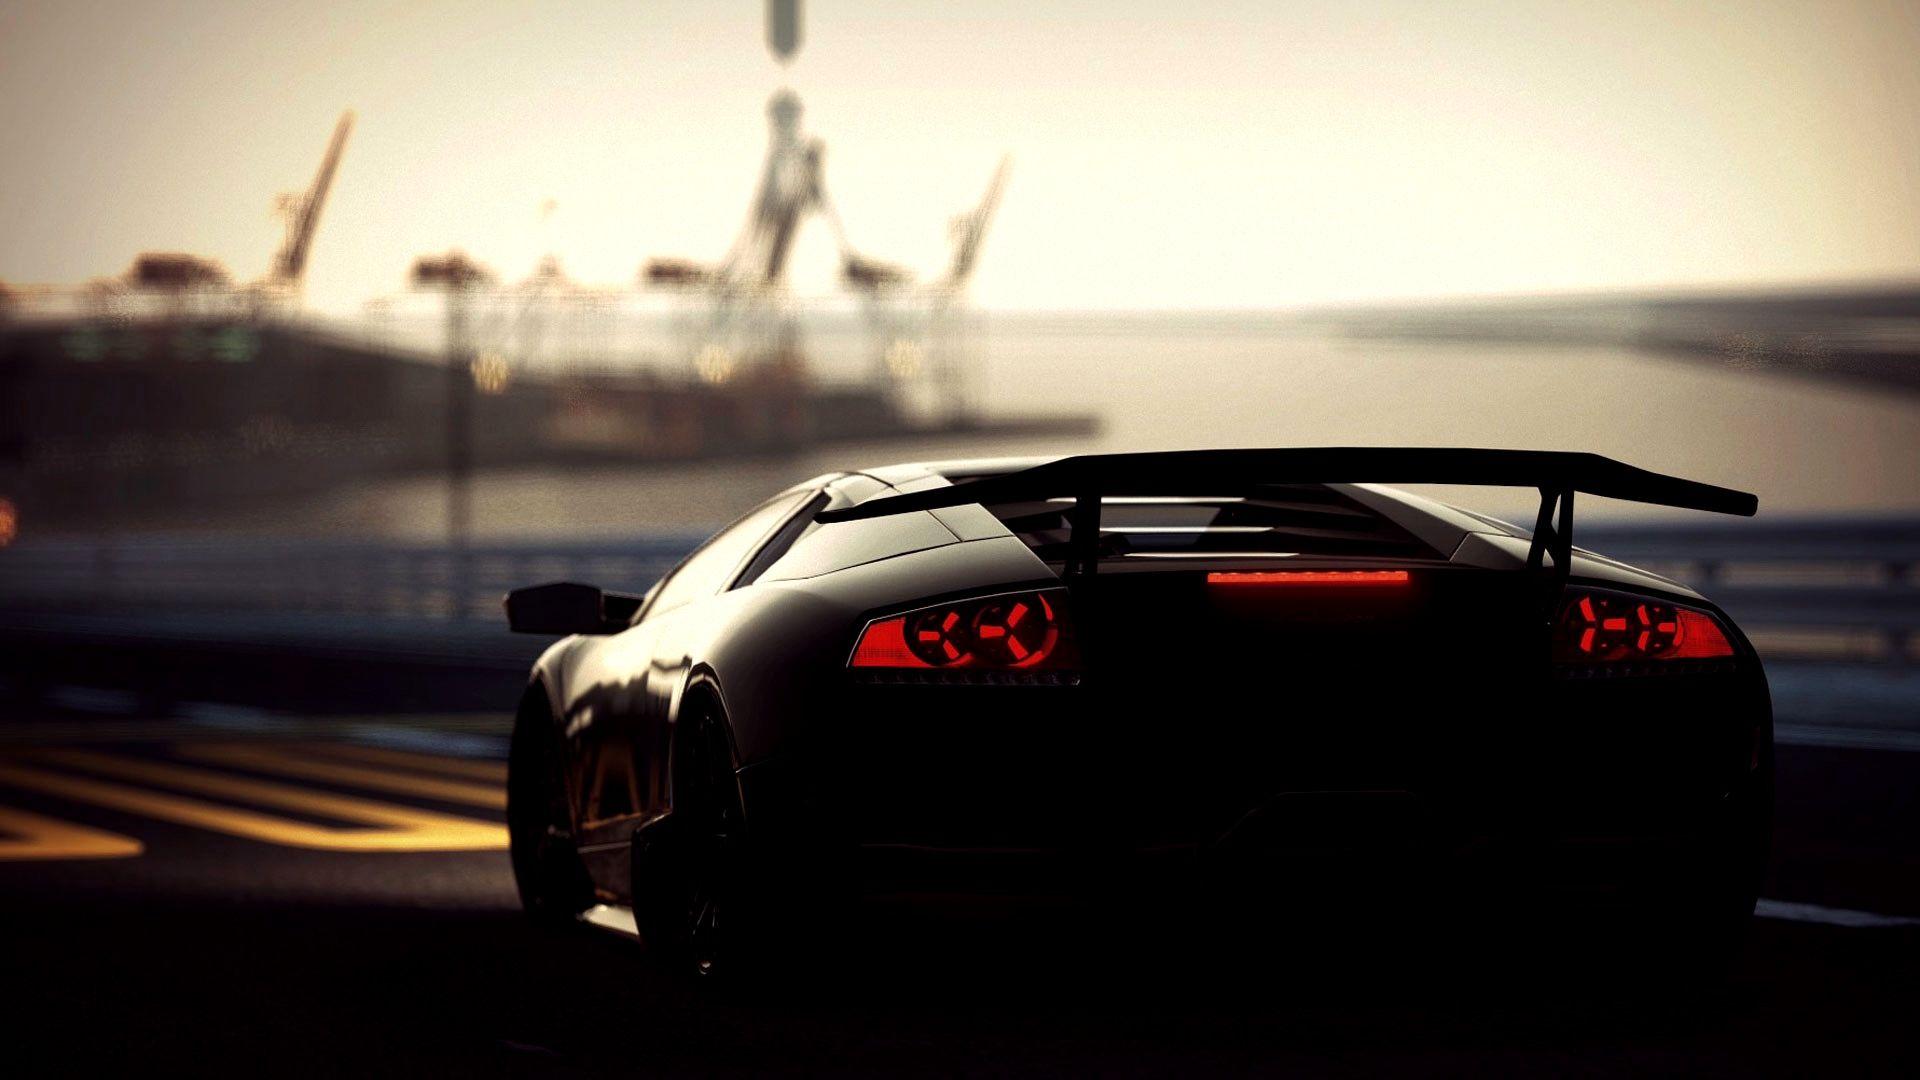 Lamborghini Wallpaper 4K For Pc Ideas